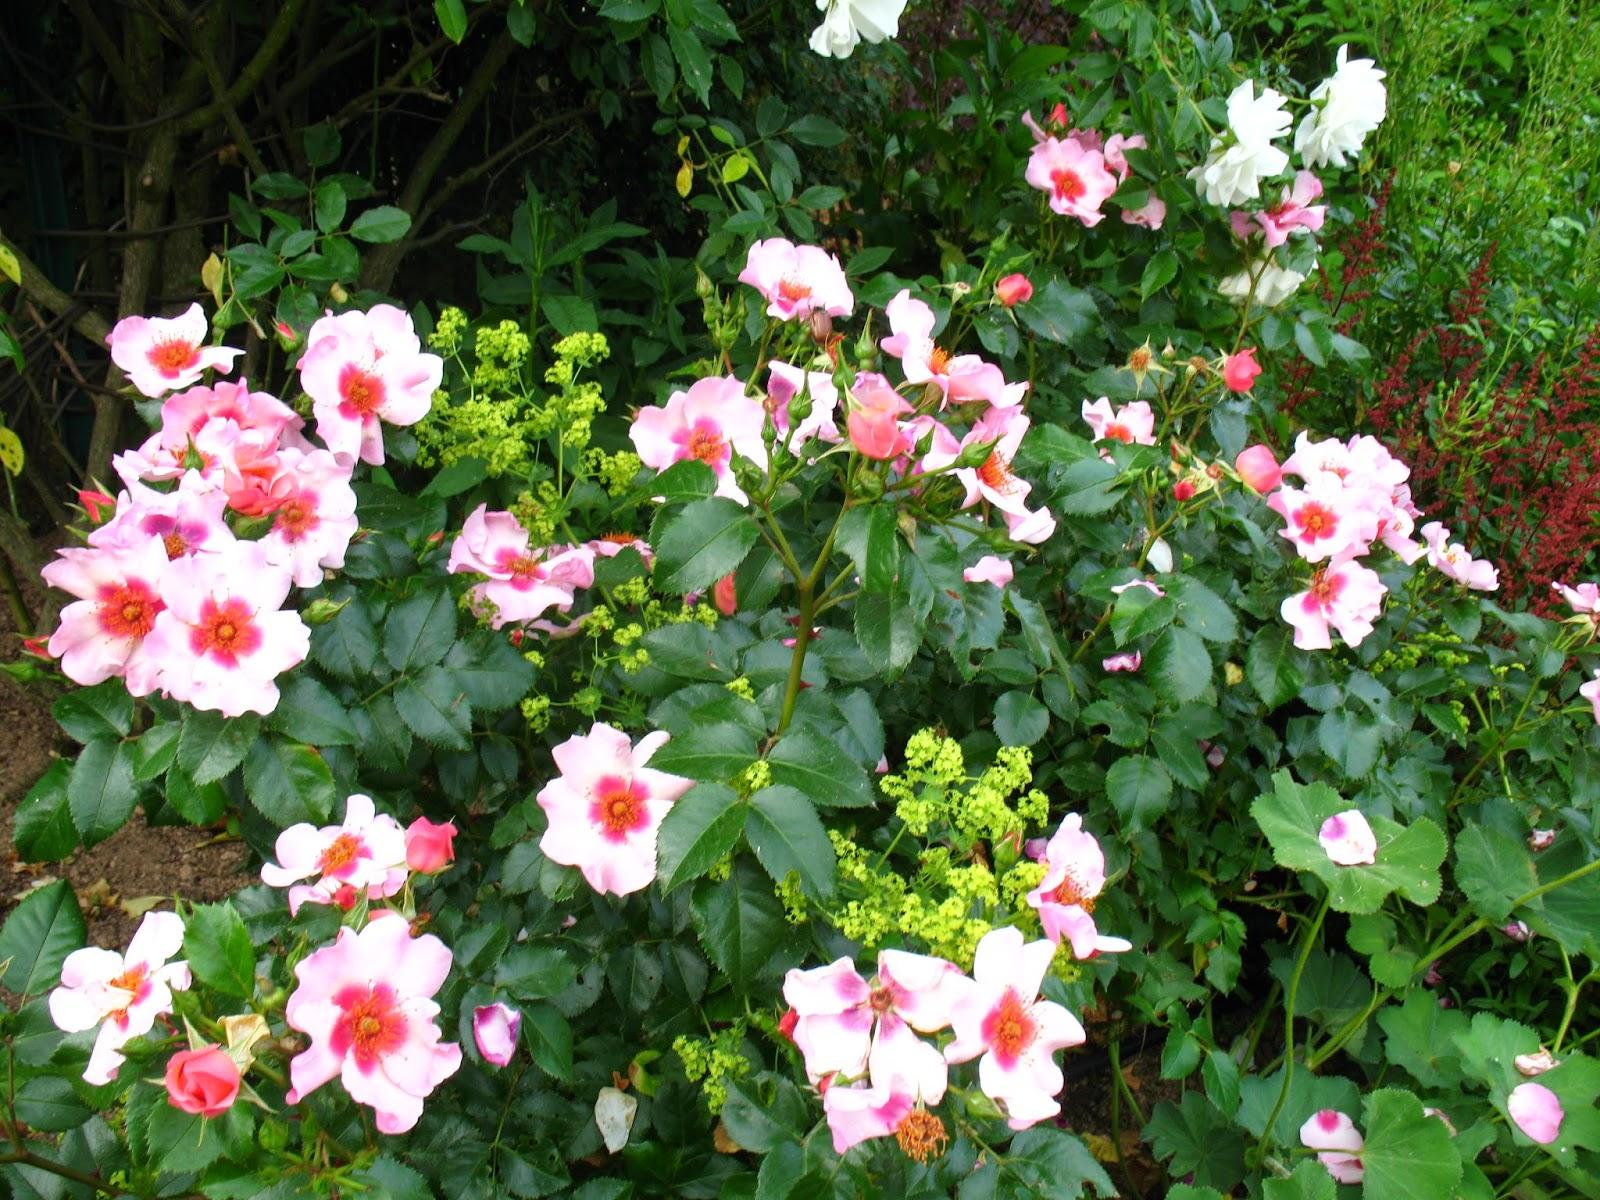 Roses du jardin ch neland rosier iceberg - Quand couper les rosiers ...